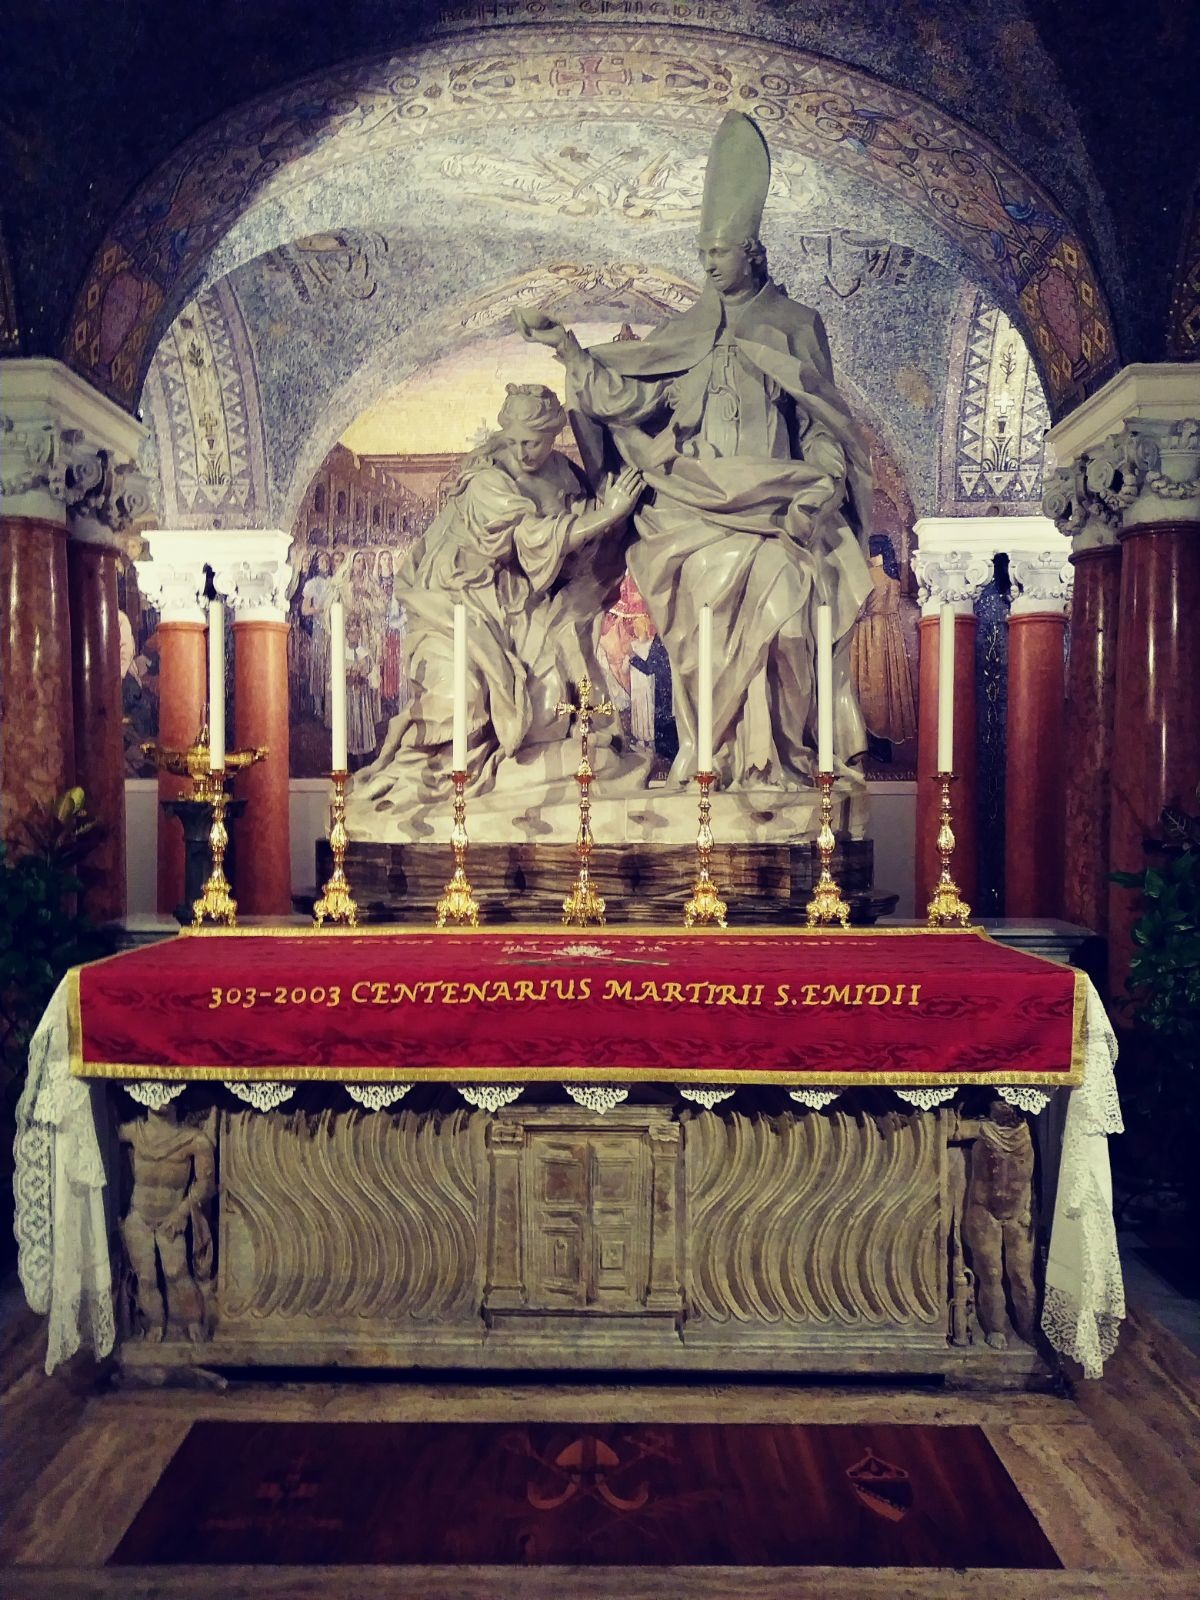 Foto di Valentina Fagnani. Ascoli Piceno, cripta: tomba di Sant'Emidio (Il Martino - ilmartino.it -) M'Art - Arte e Cultura -